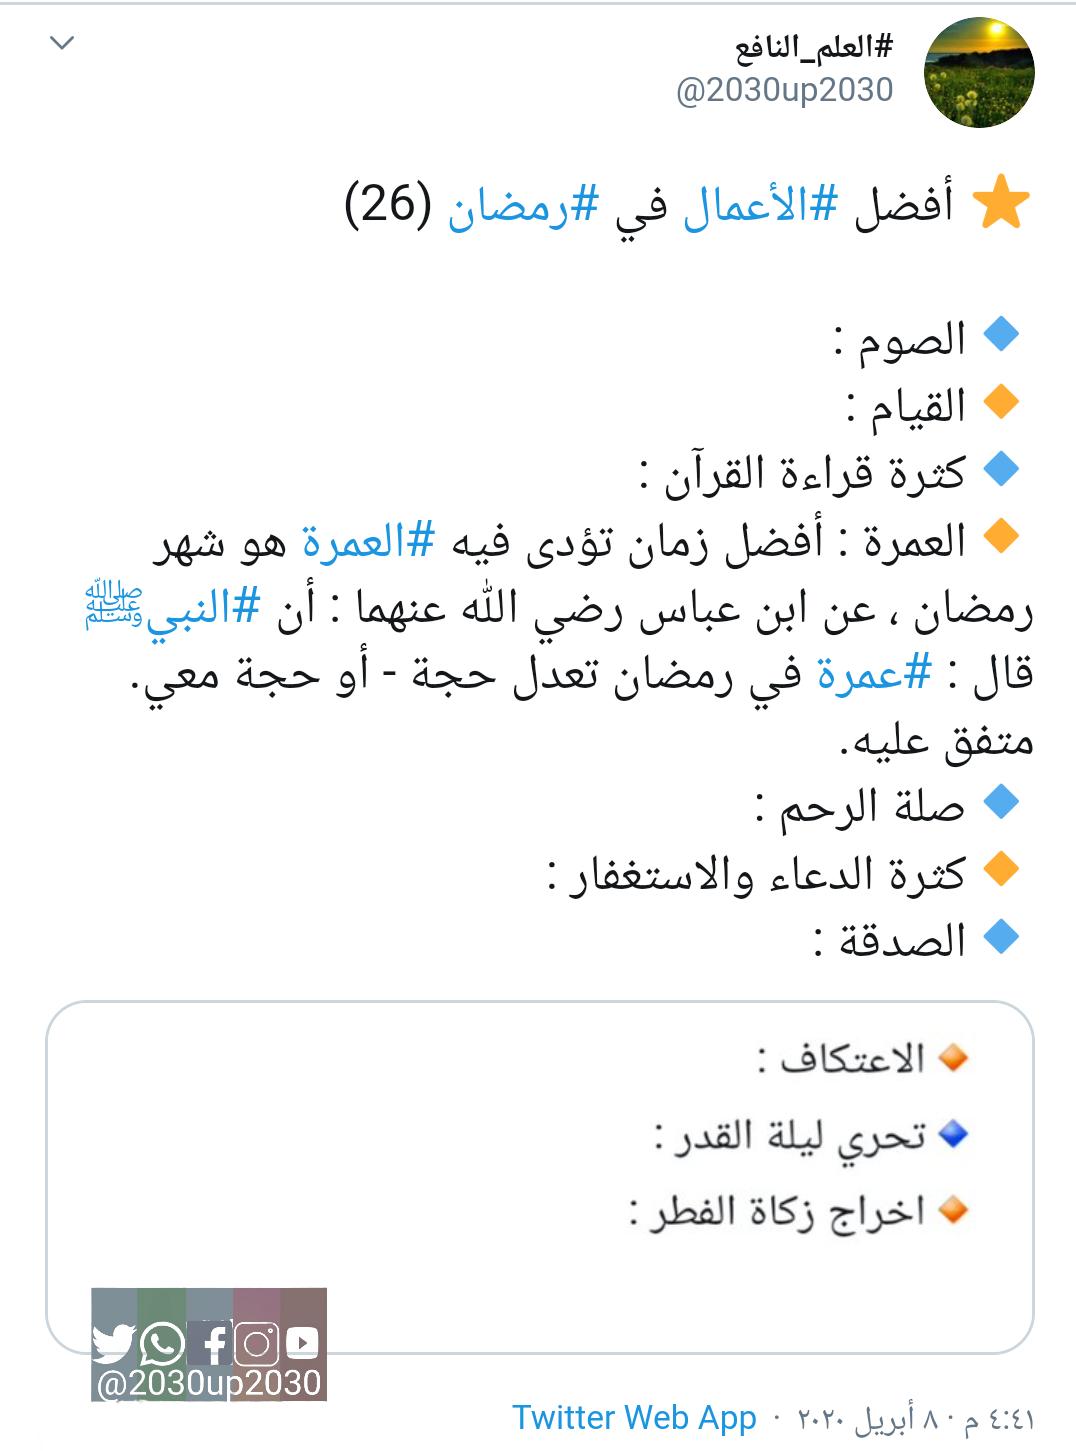 تغريدة رقم 26 عن شهر رمضان